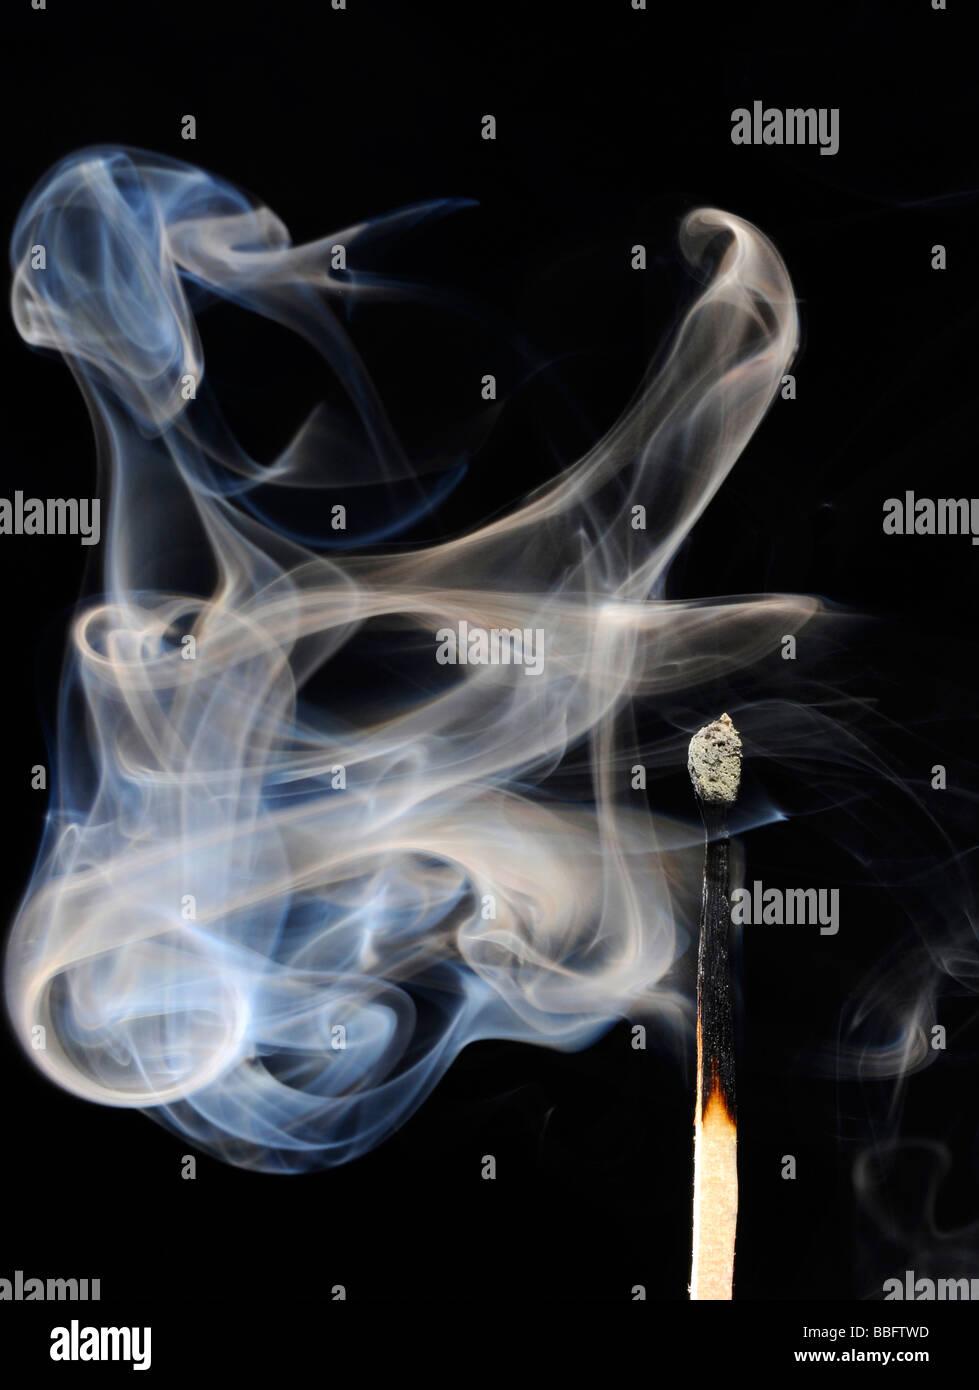 Match burned, smoke - Stock Image